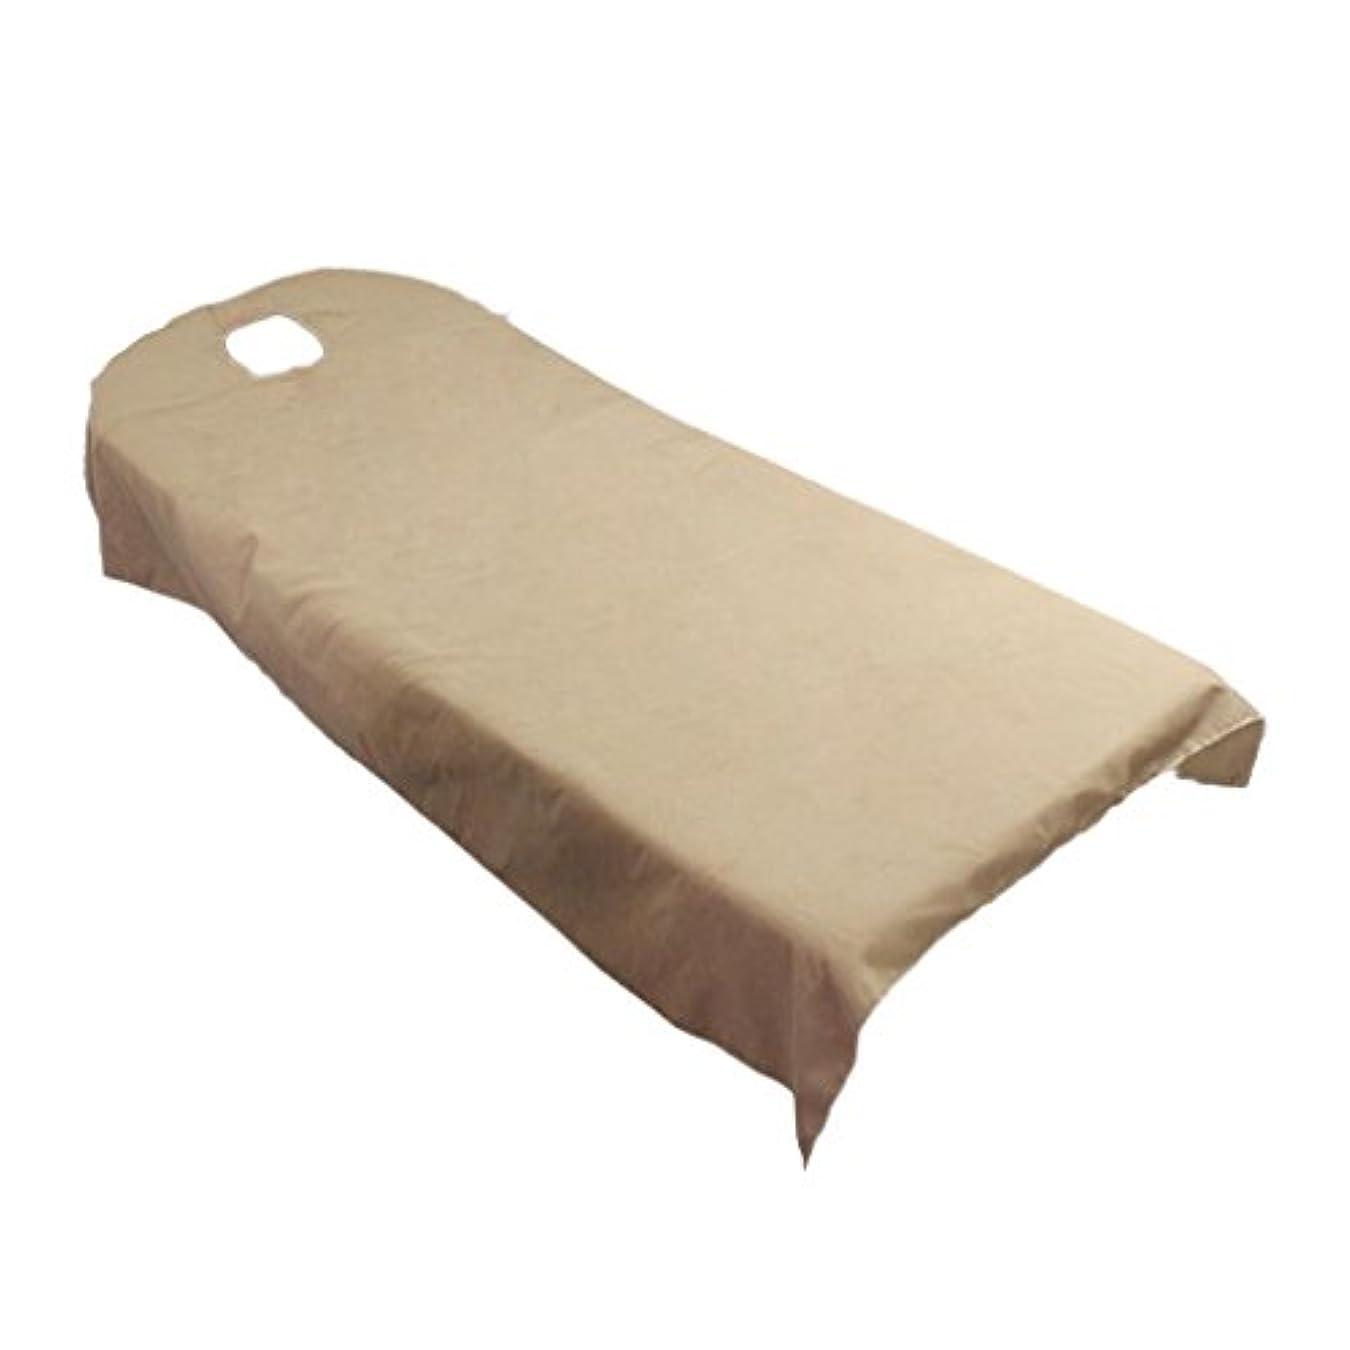 塊軍隊団結Baosity タオル地 ベッドカバー ソファーカバー シート 面部の位置 ホール付き 美容/マッサージ/SPA 用 9色選べる - キャメル